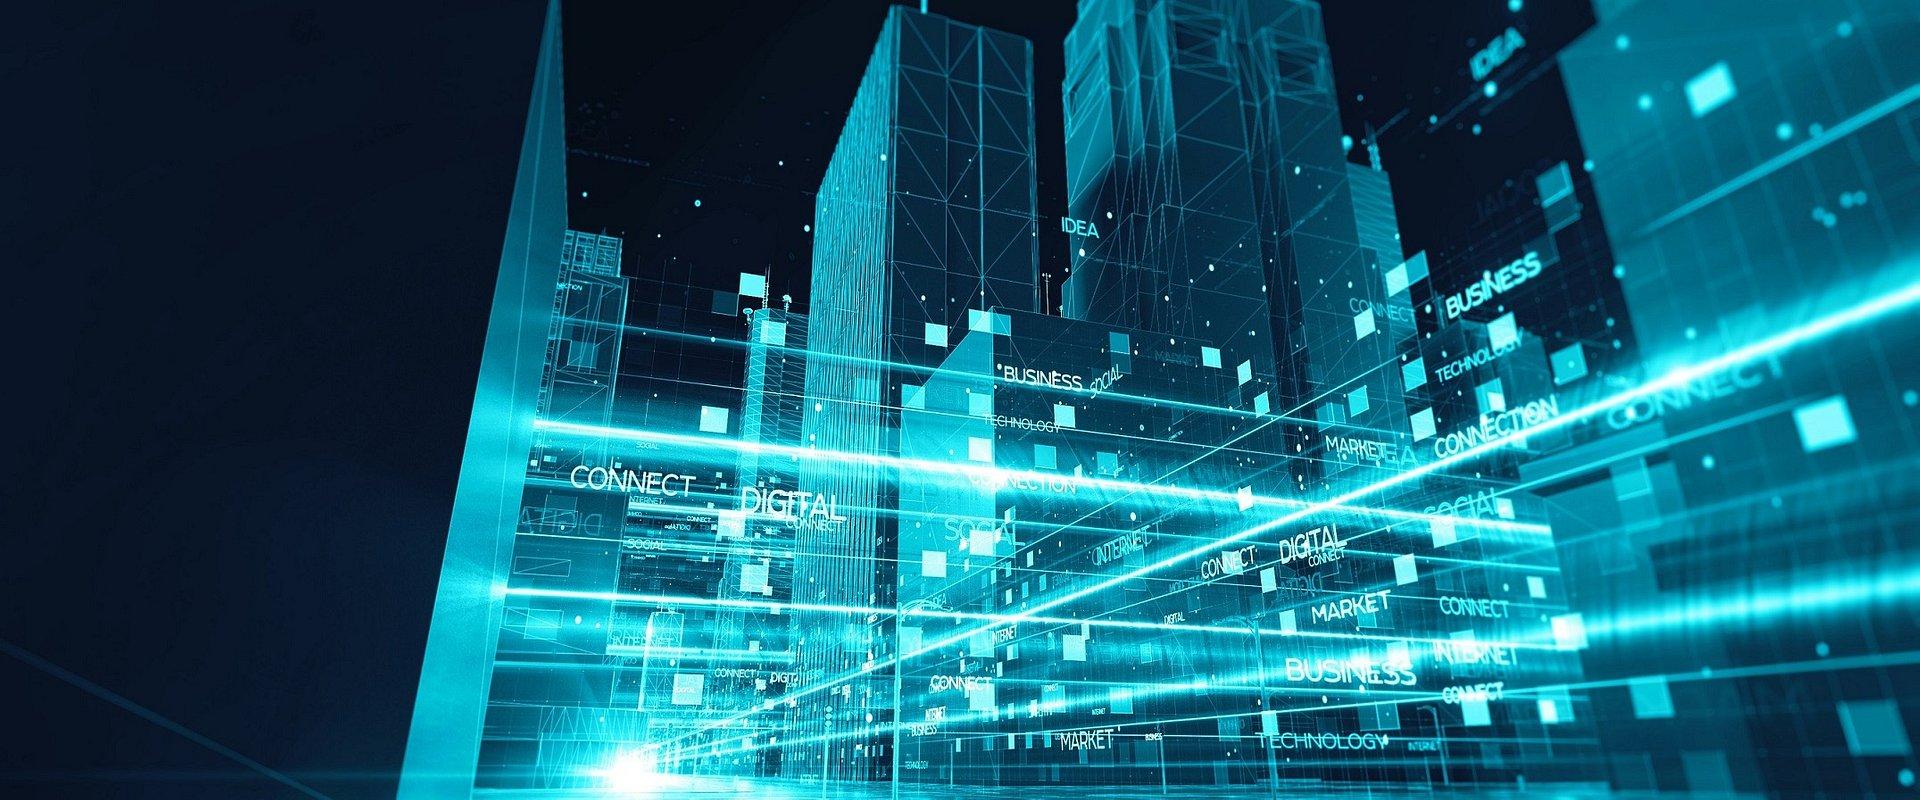 Nowa era nieruchomości, czyli jak będzie wyglądał rynek w 2040 r.